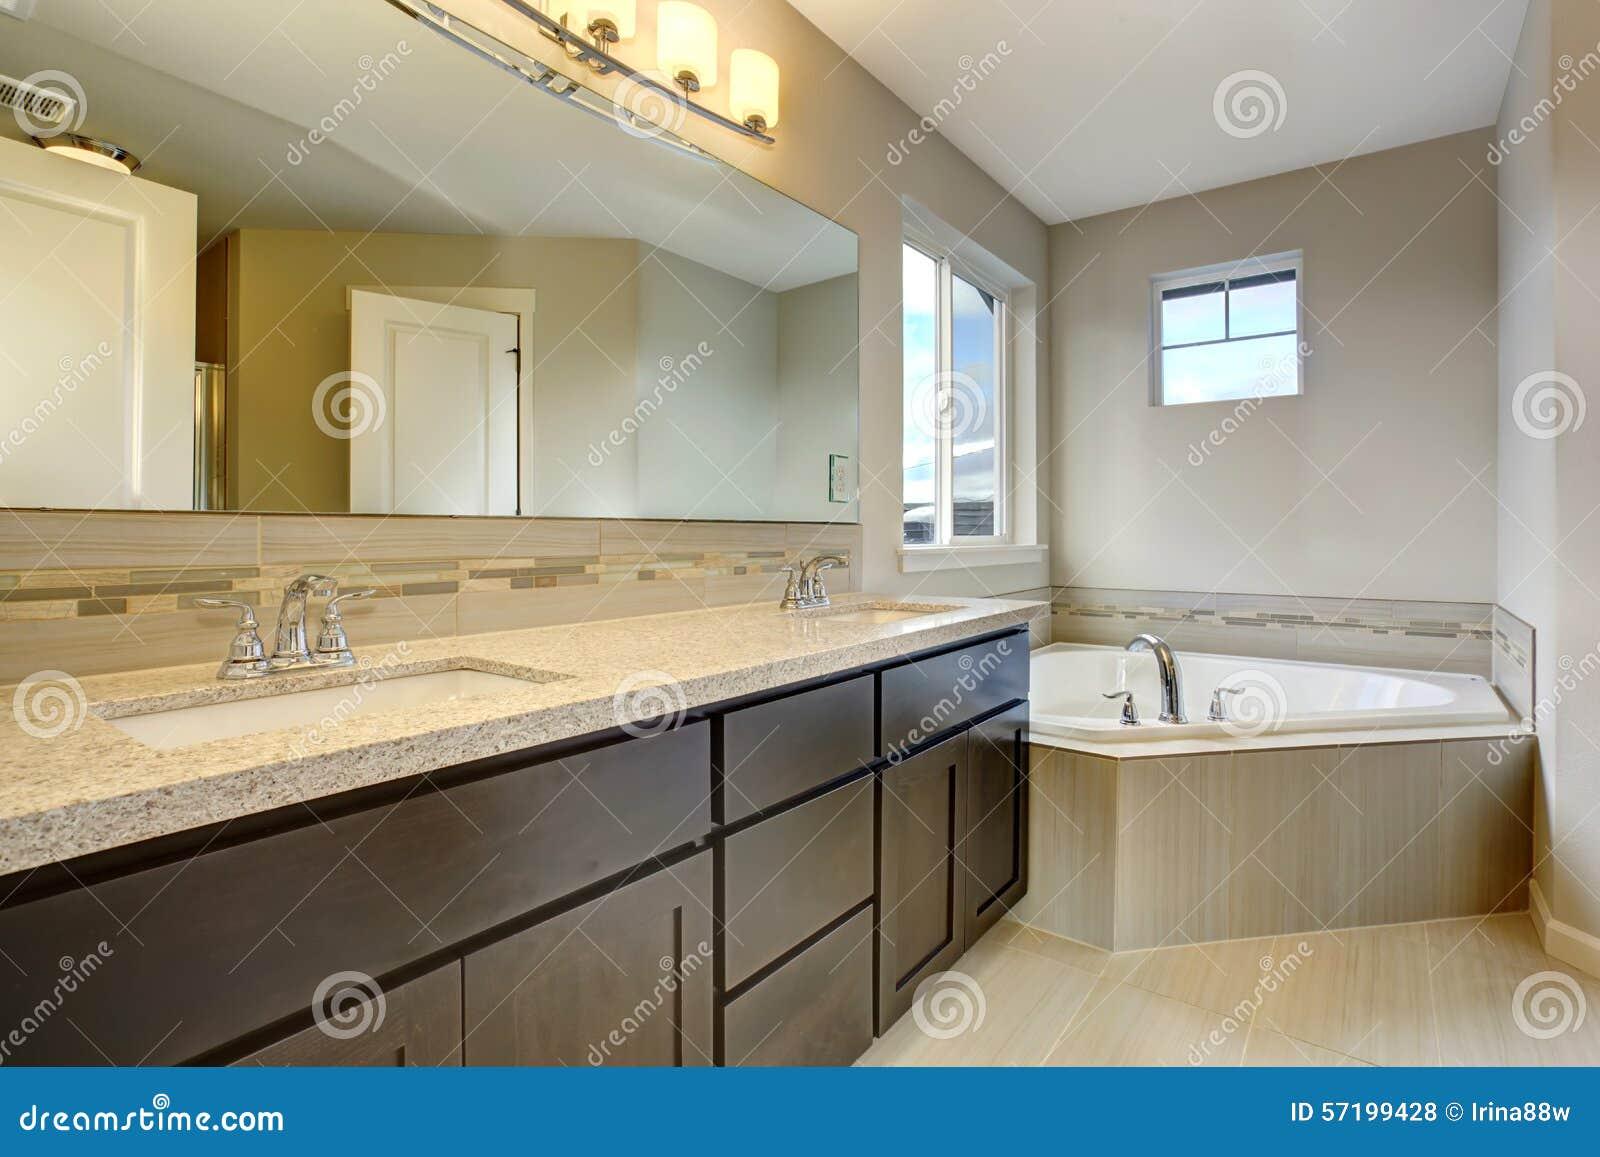 Schönes Badezimmer Mit Großer Badewanne Stockfoto - Bild von einfach ...